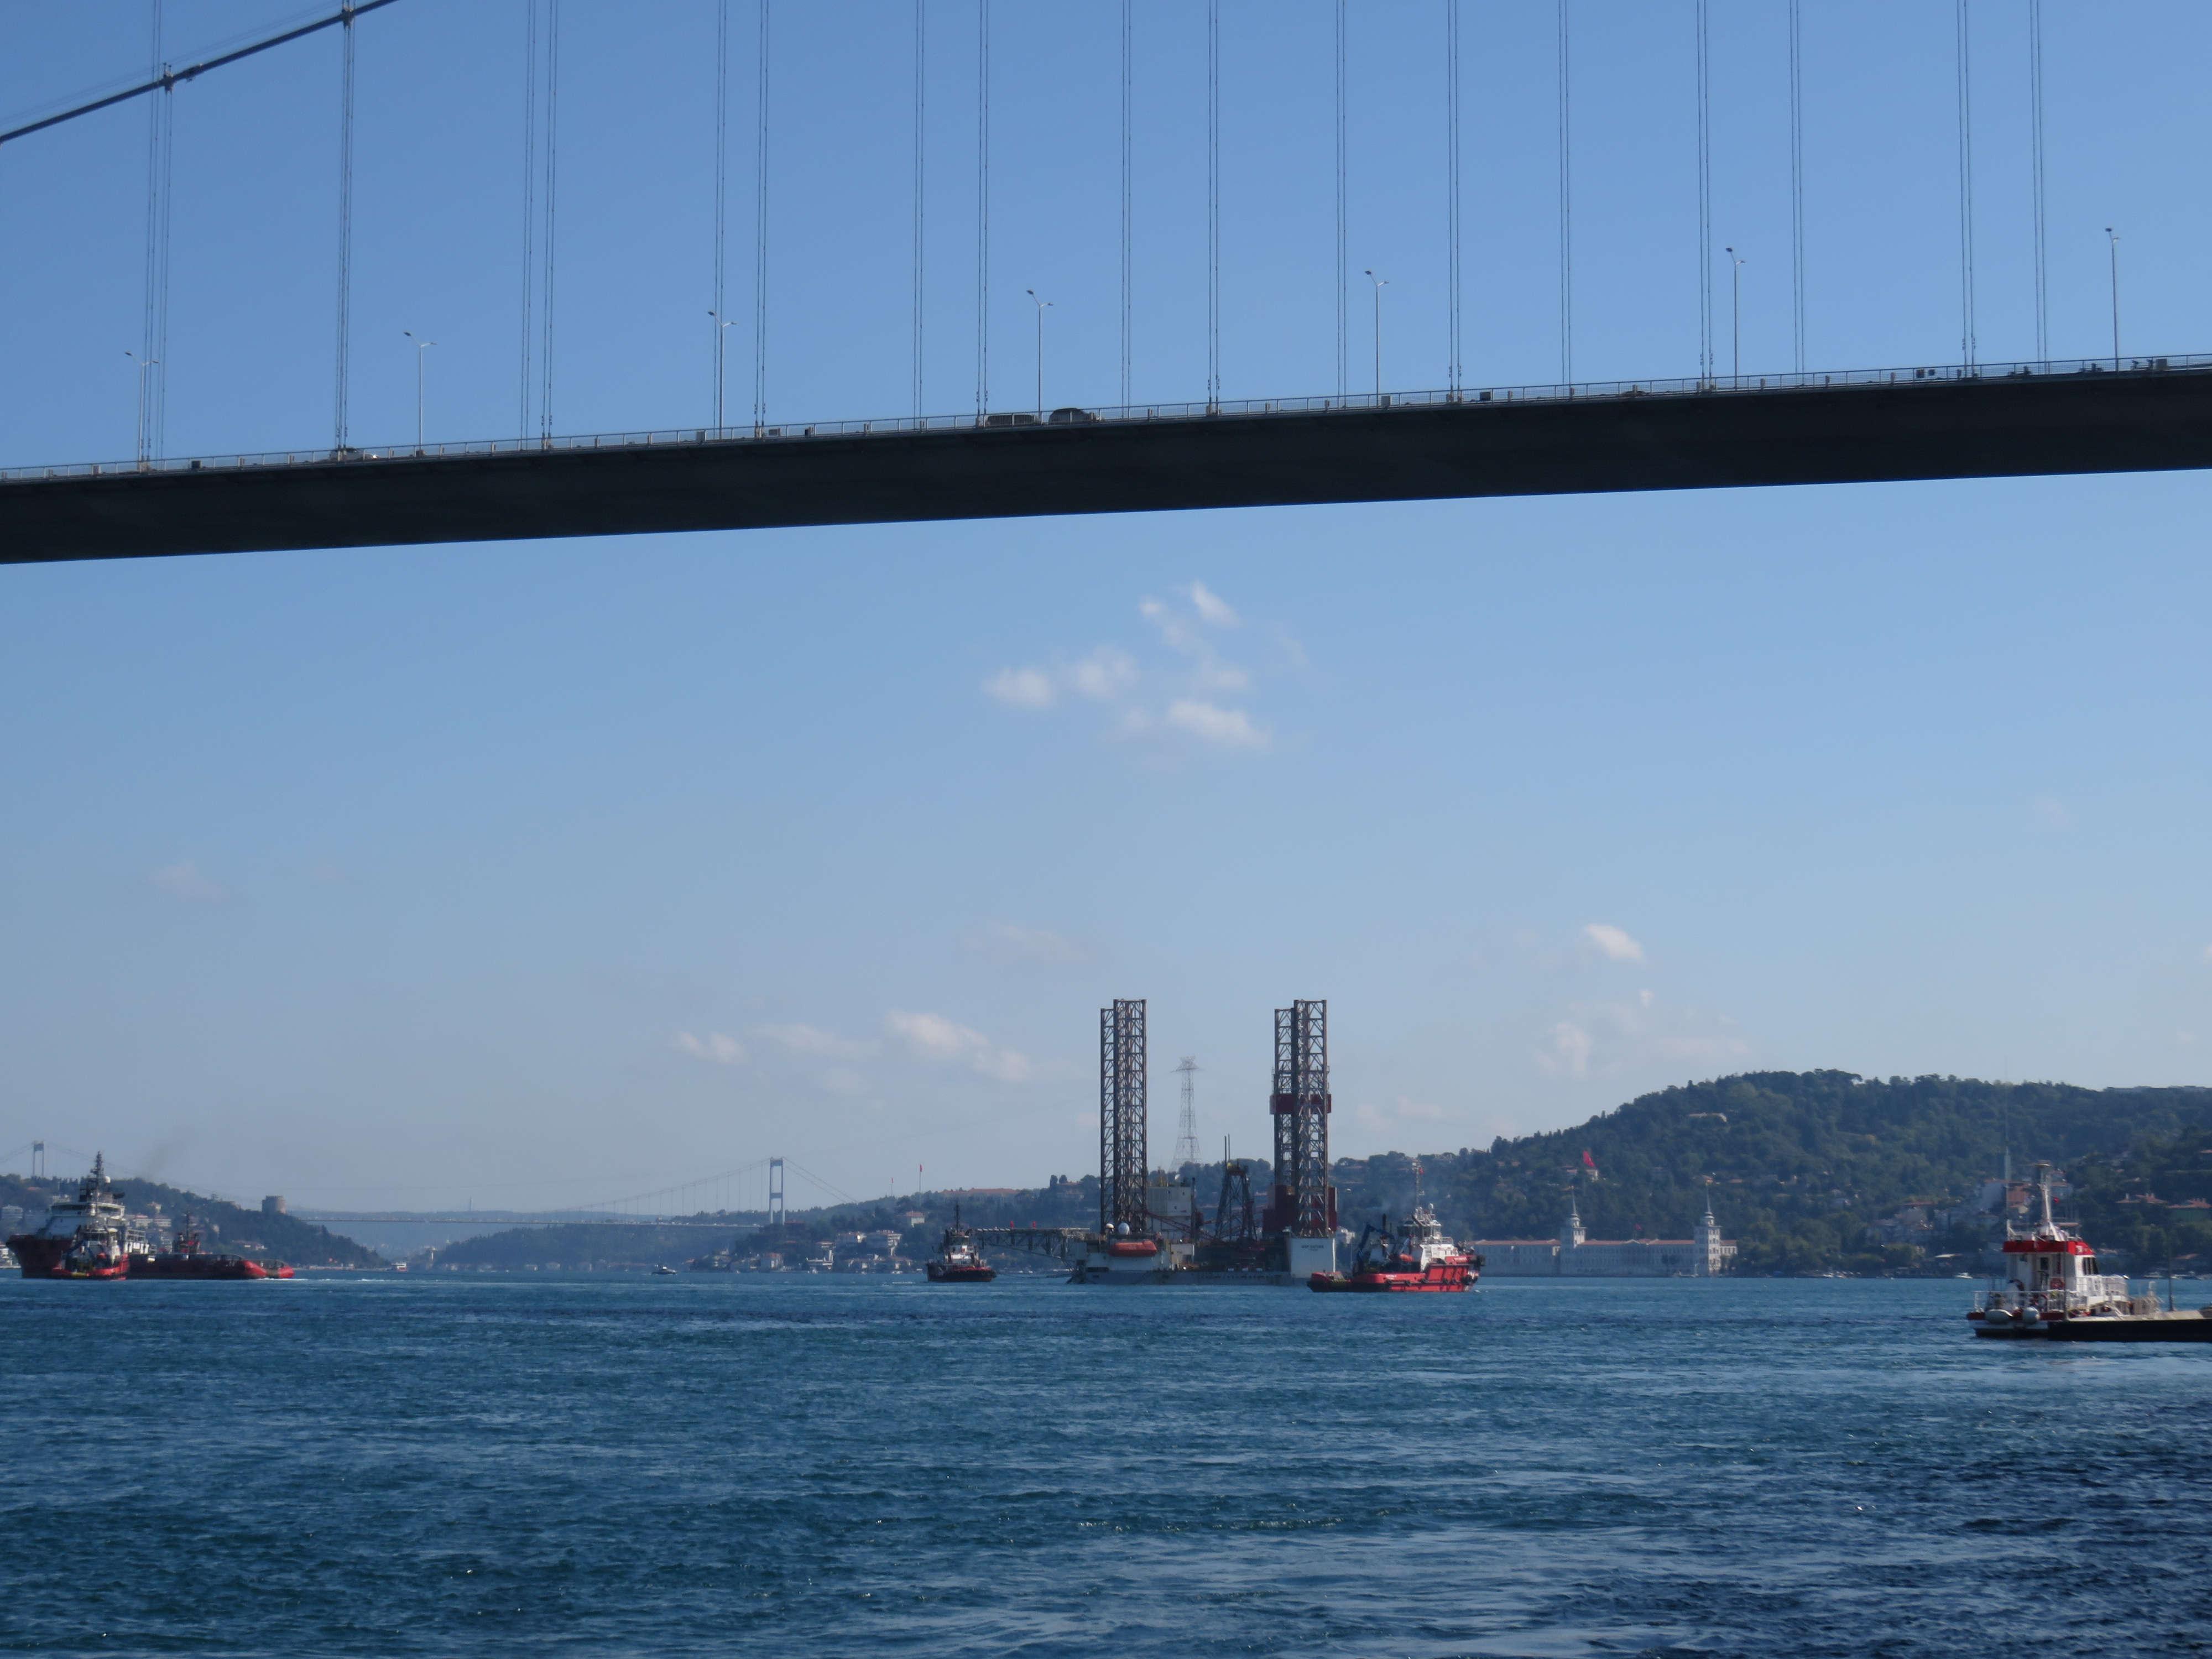 dev-petrol-platformu-istanbul-bogazindan-geciyor-1-8647-dhaphoto3.jpg